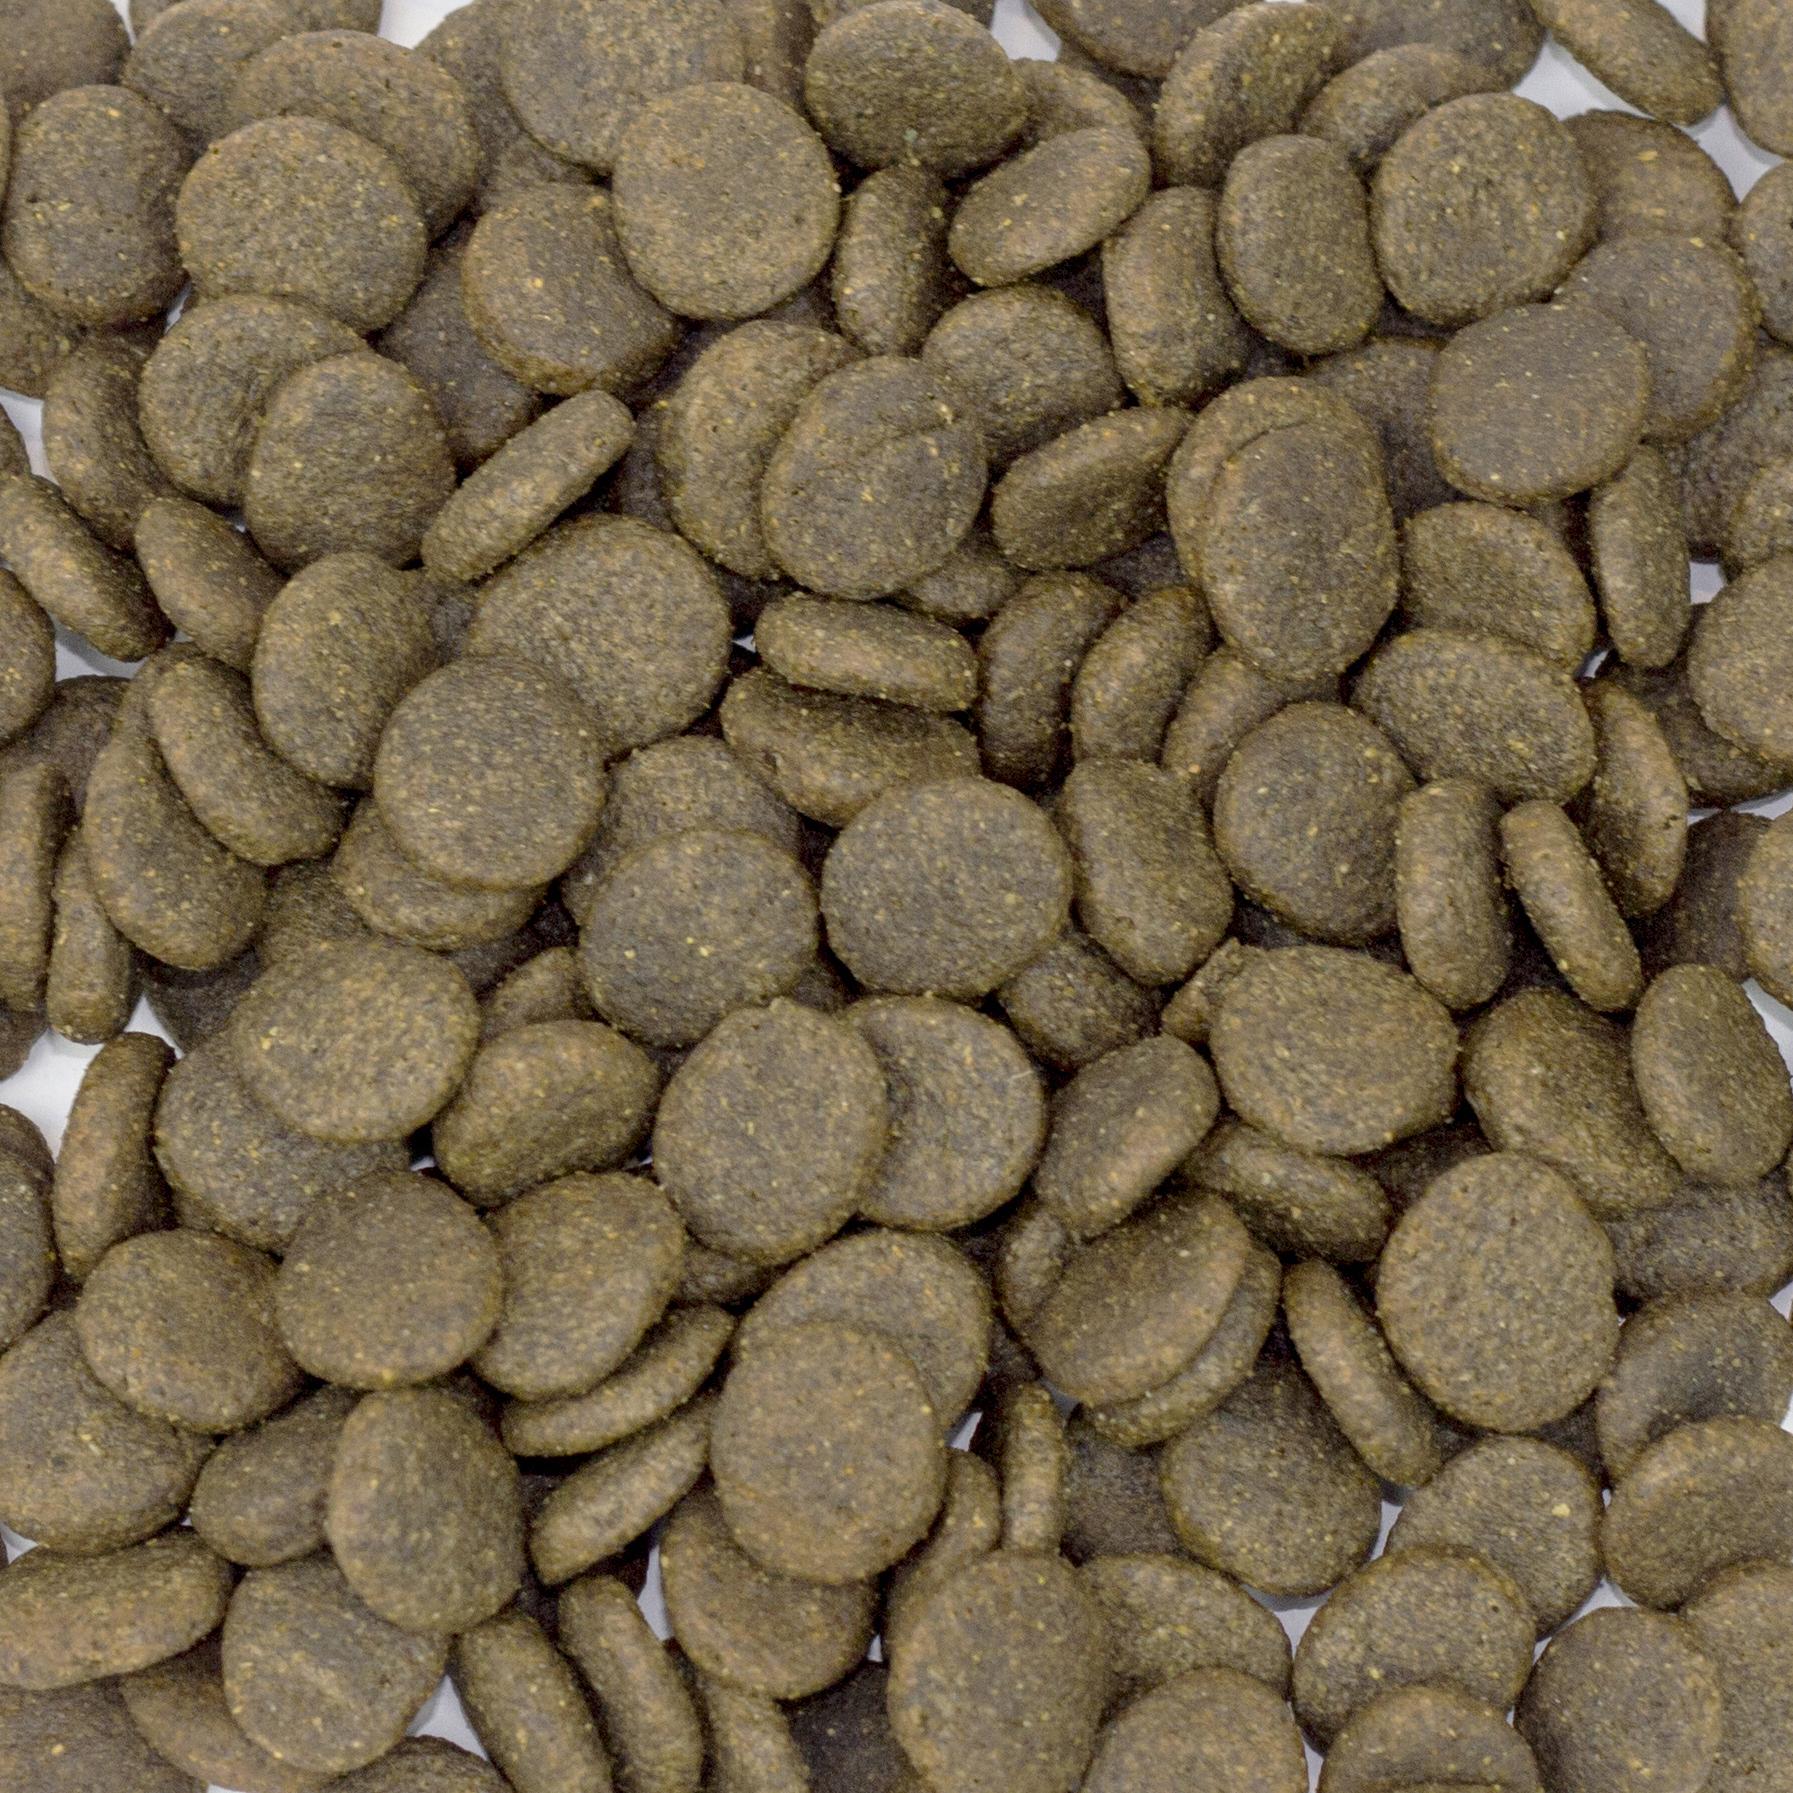 Łosoś i pstrąg ze szparagami dla psów 12kg